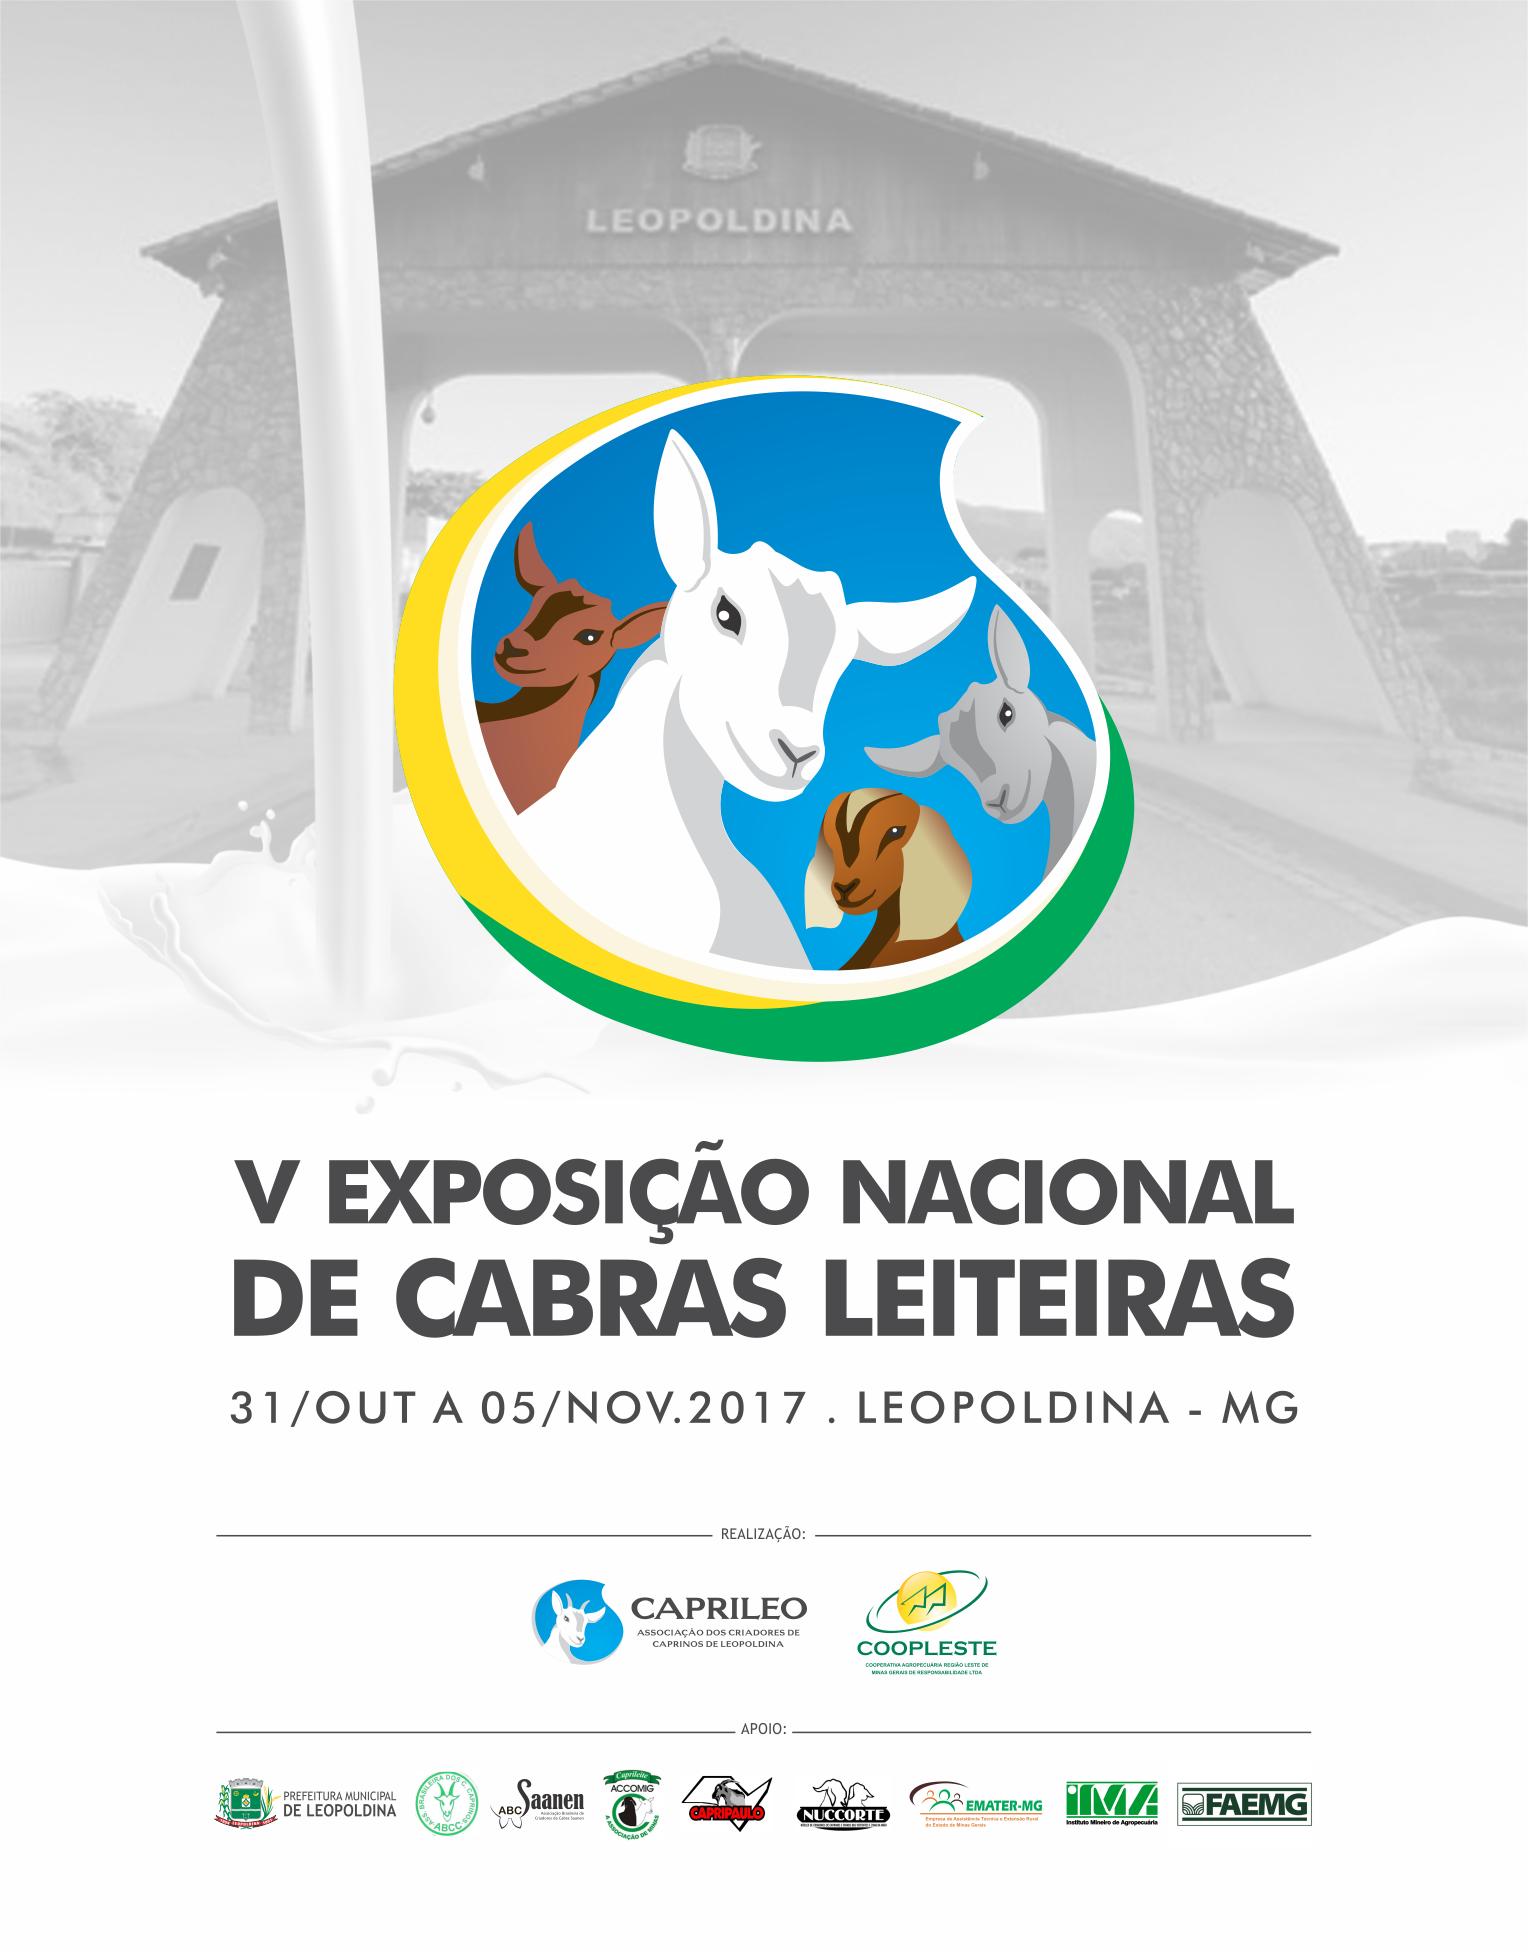 V EXPOSIÇÃO NACIONAL DE CABRAS LEITEIRAS 31/10 A 05/11/2017 LEOPOLDINA MG